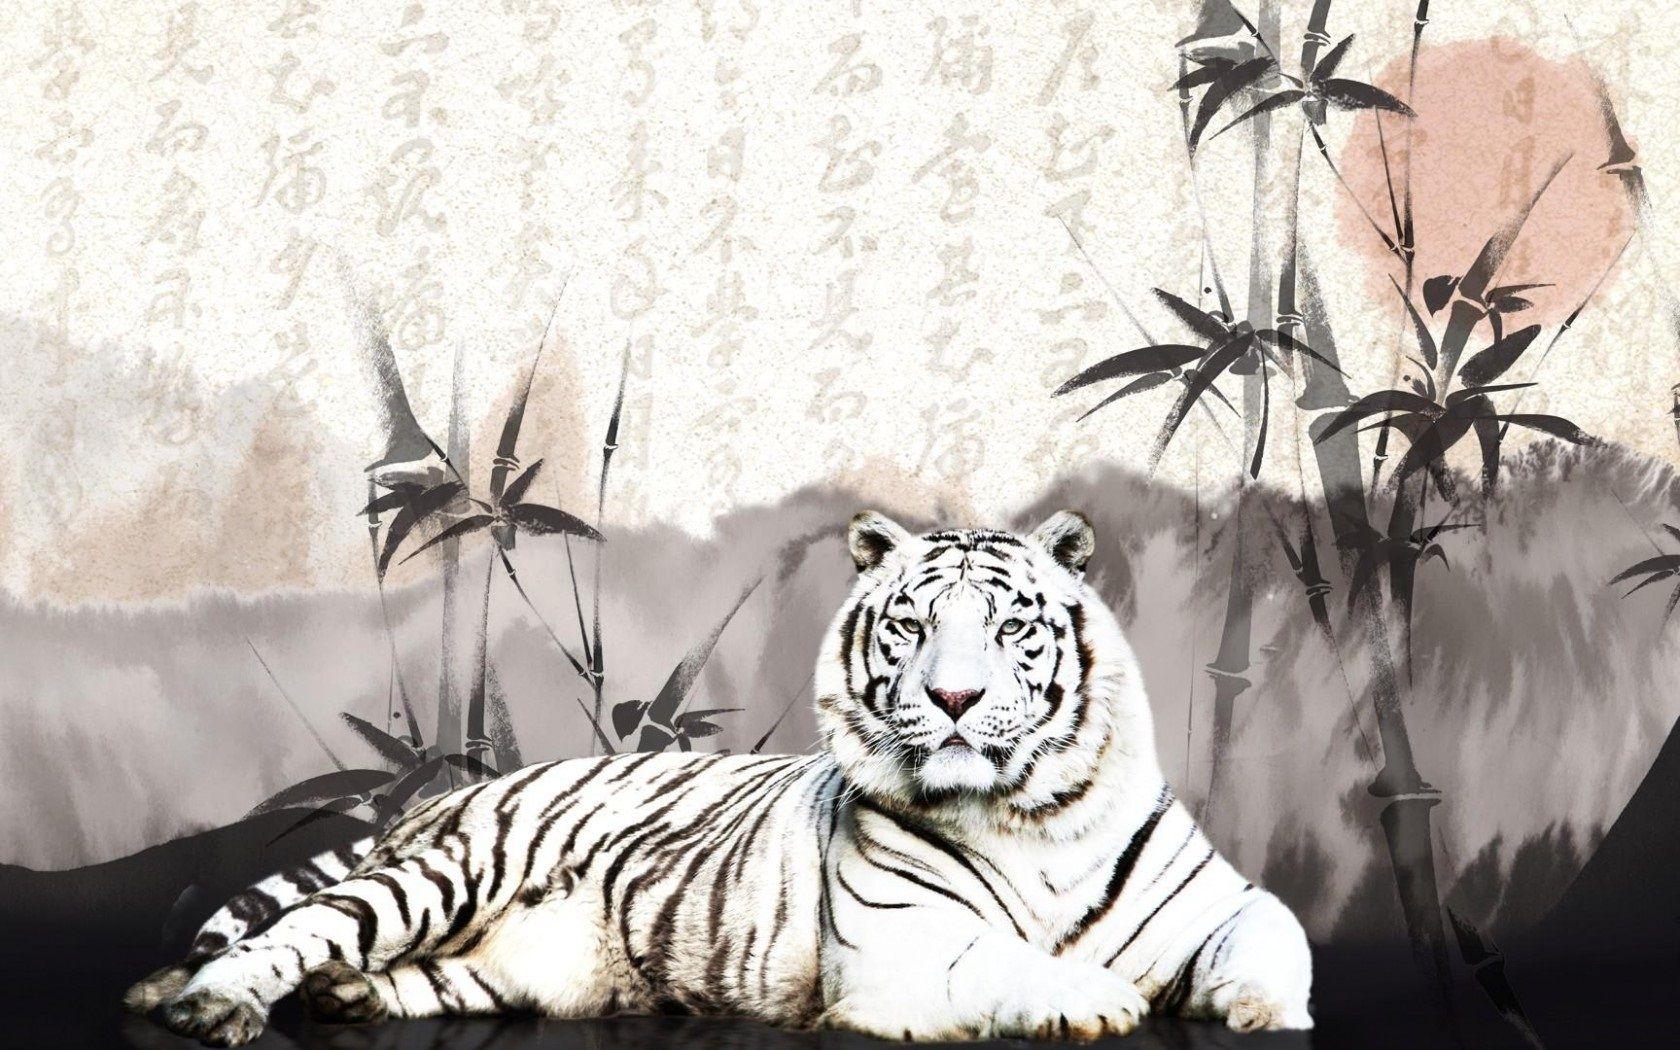 White Tiger Wallpaper Hd 2021 Live Wallpaper Hd Tiger Wallpaper Oriental Wallpaper Animal Wallpaper